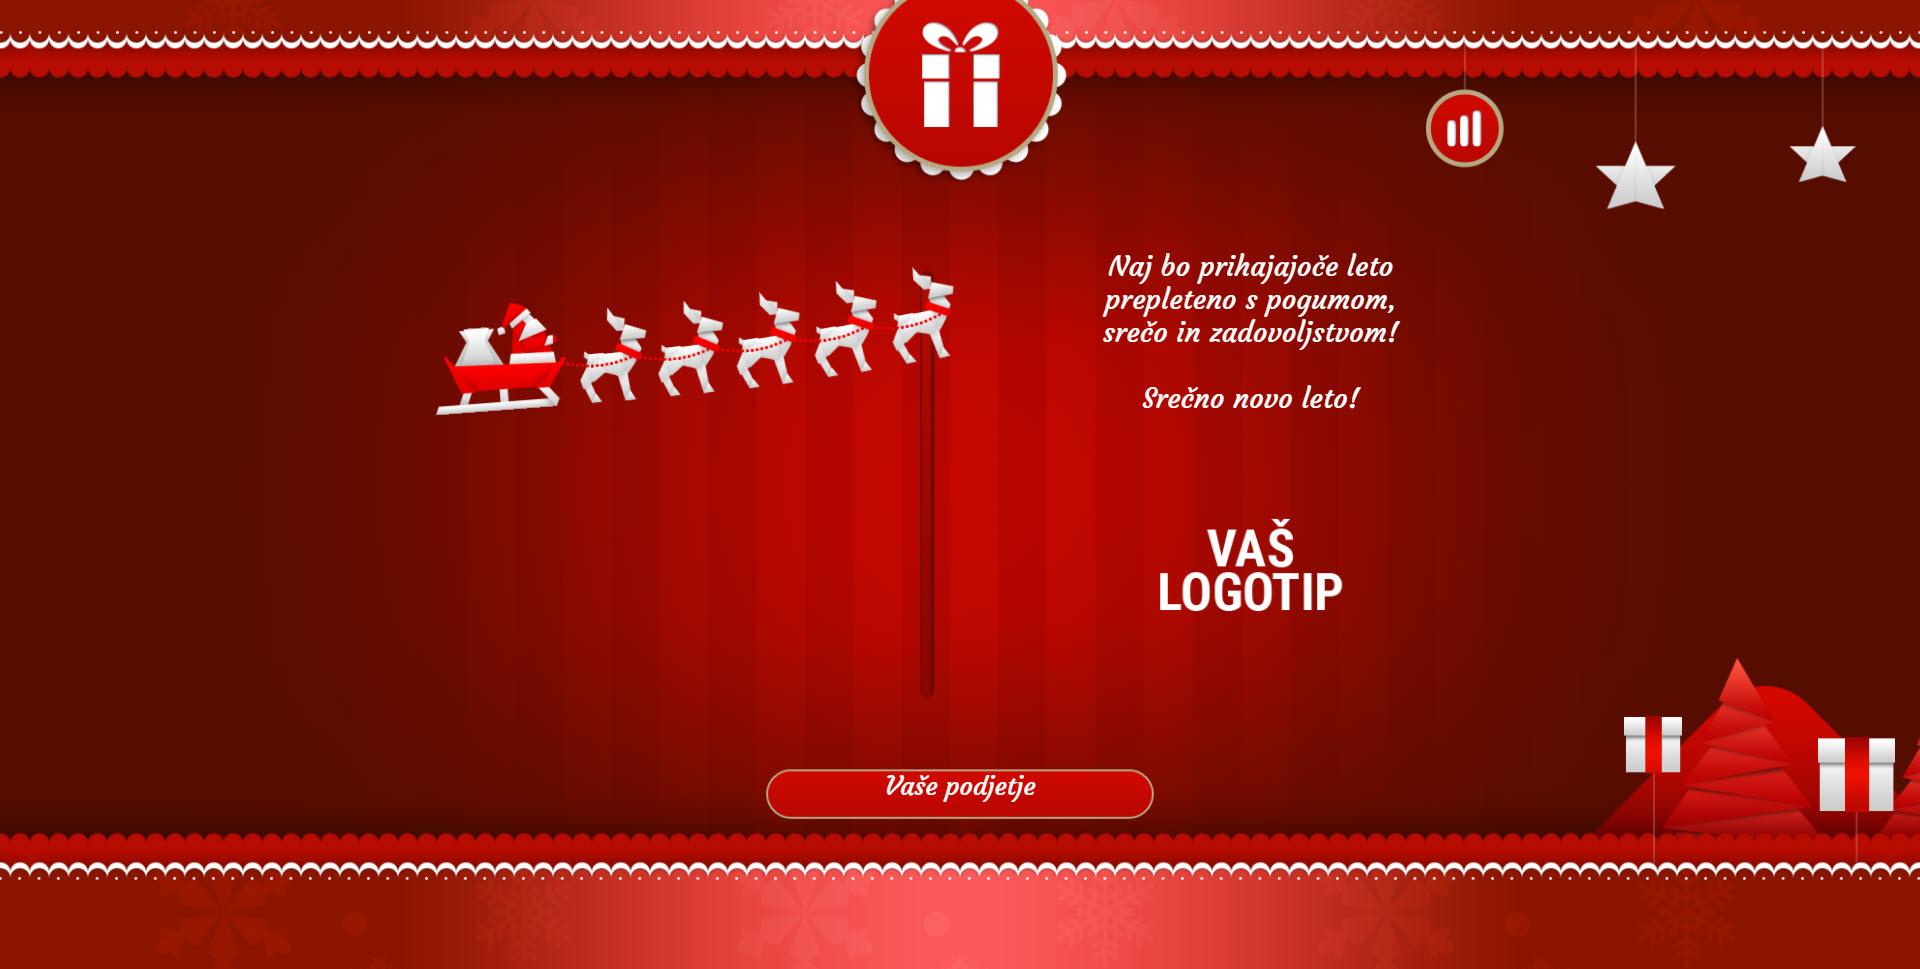 christmas card with sleigh version red - Naročilo voščilnice